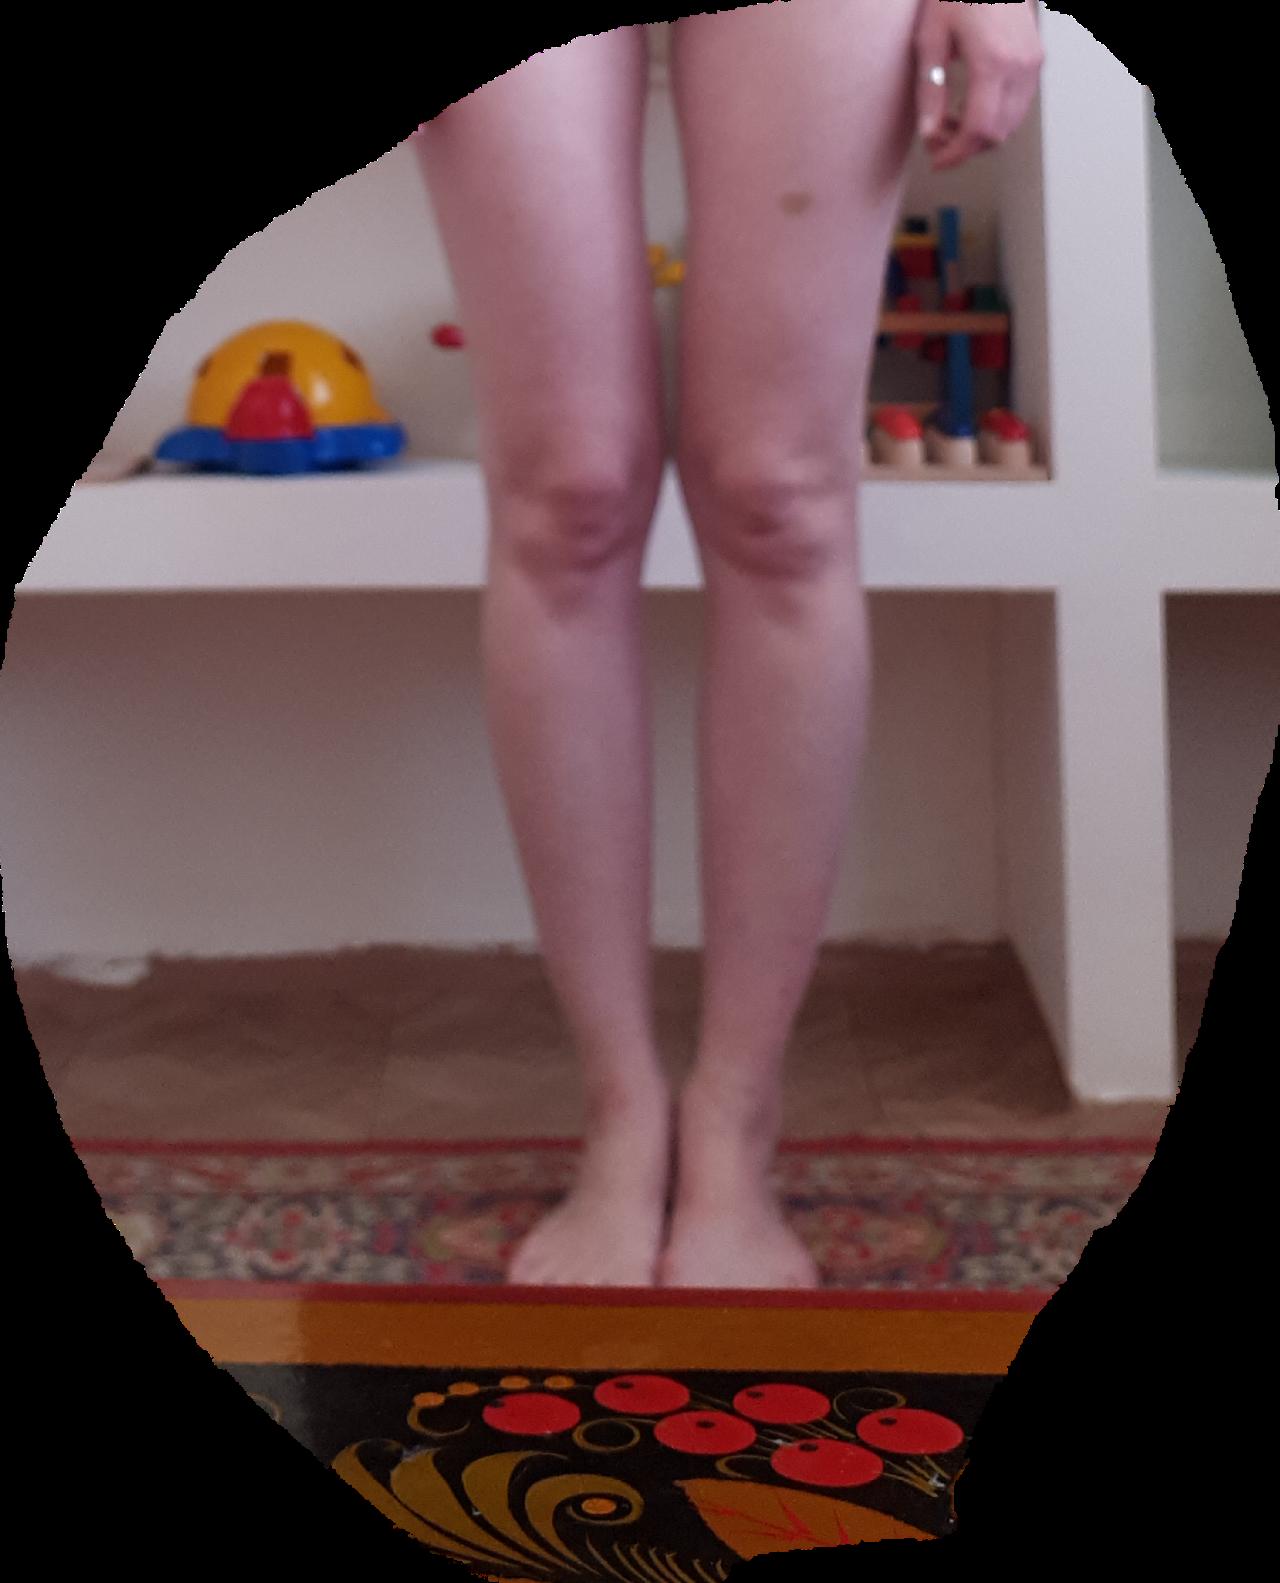 Х-образные или о-образные у детей как исправить ноги